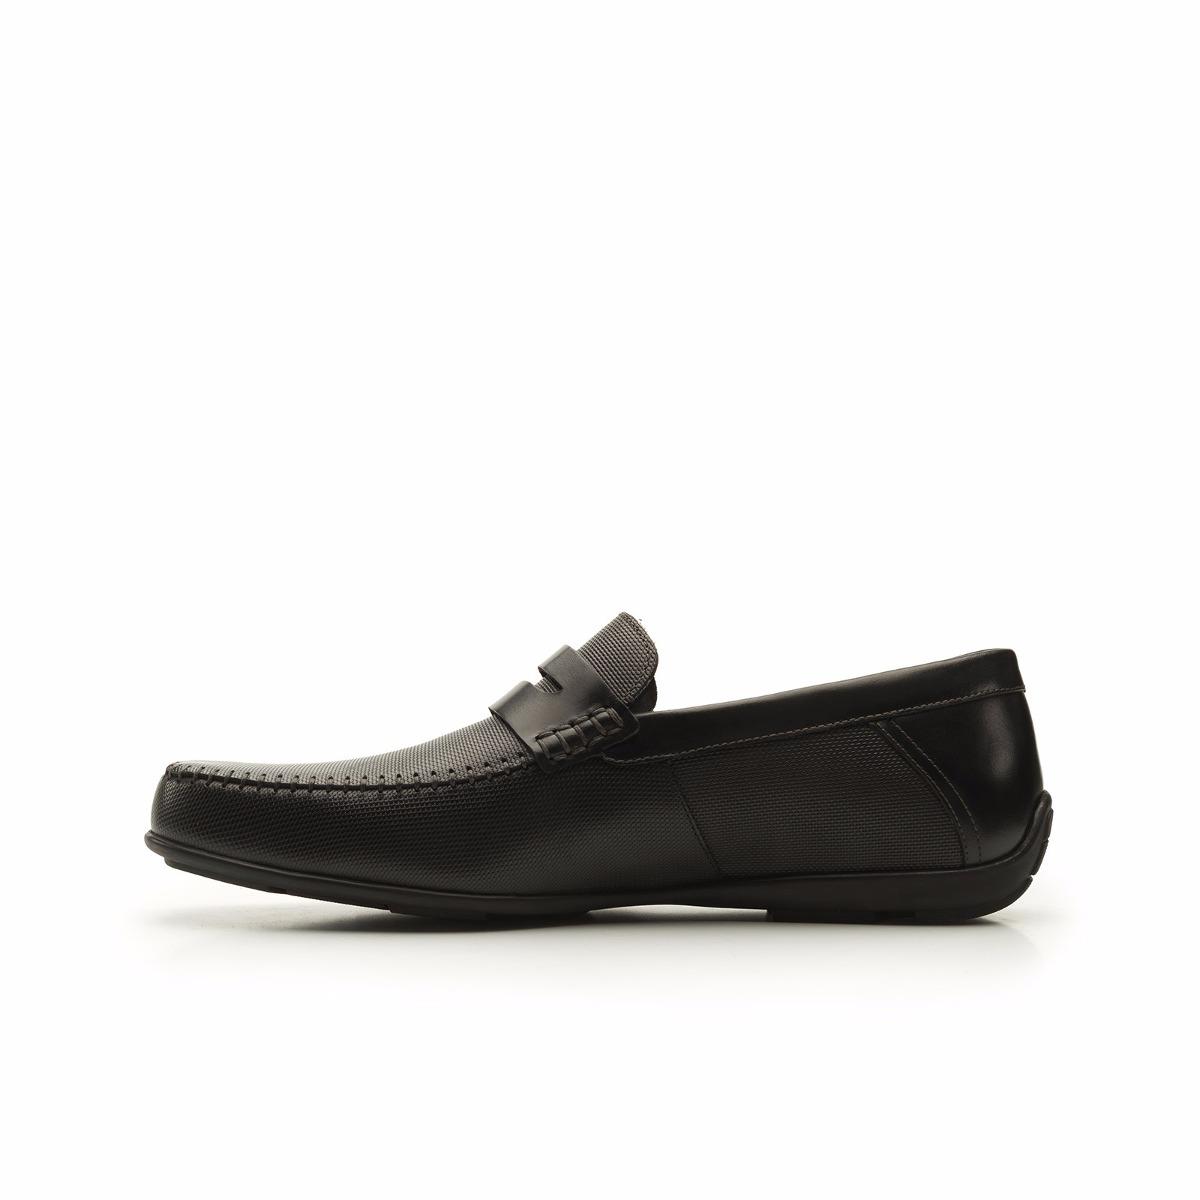 232876ab84 Cargando zoom... calzado zapato flexi 68607 negro casual vestir salir  oficina